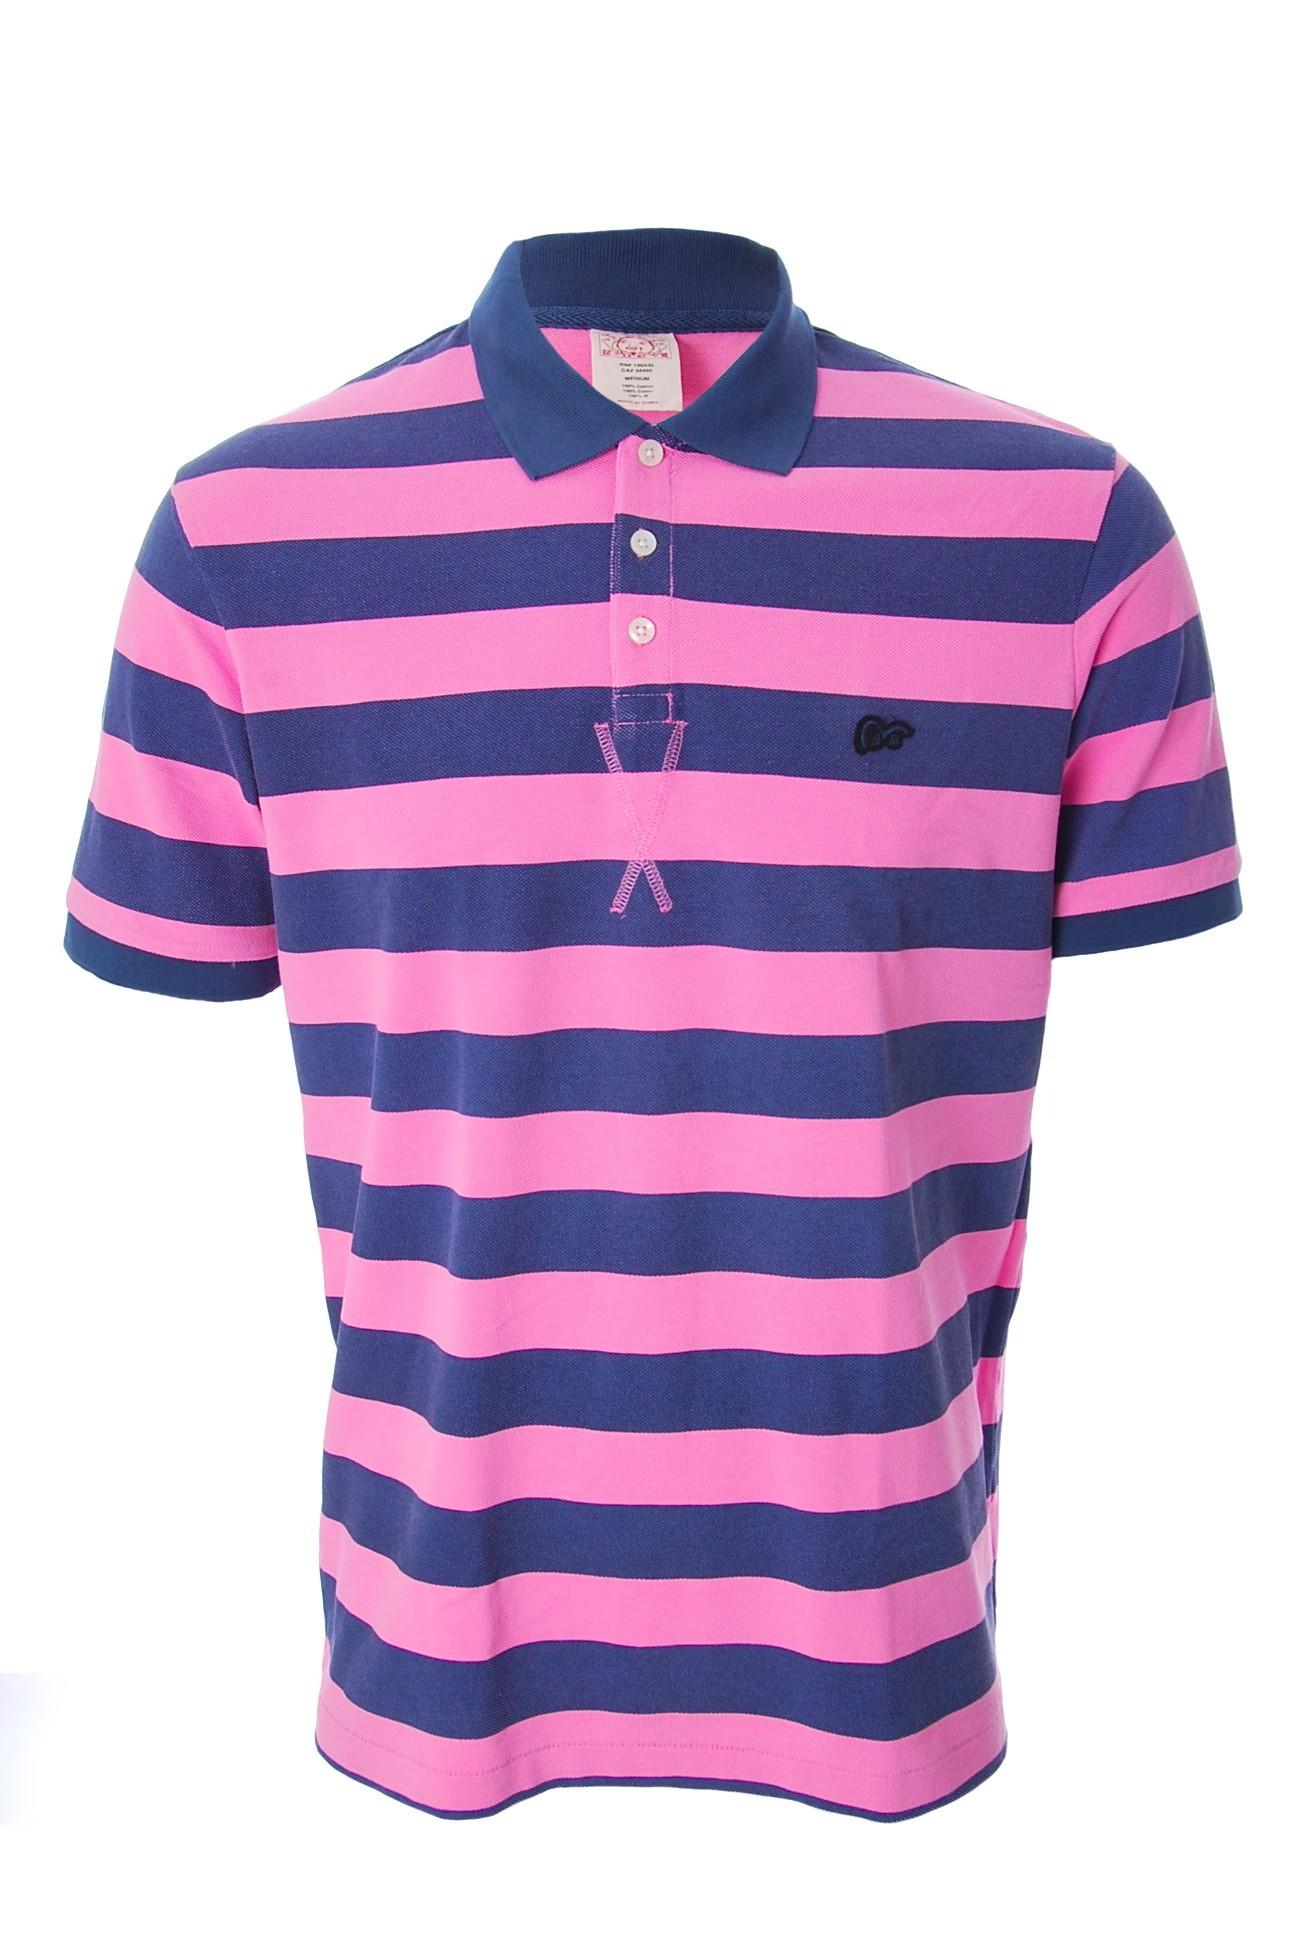 evisu striped pique polo shirt pink blue stripe ebay